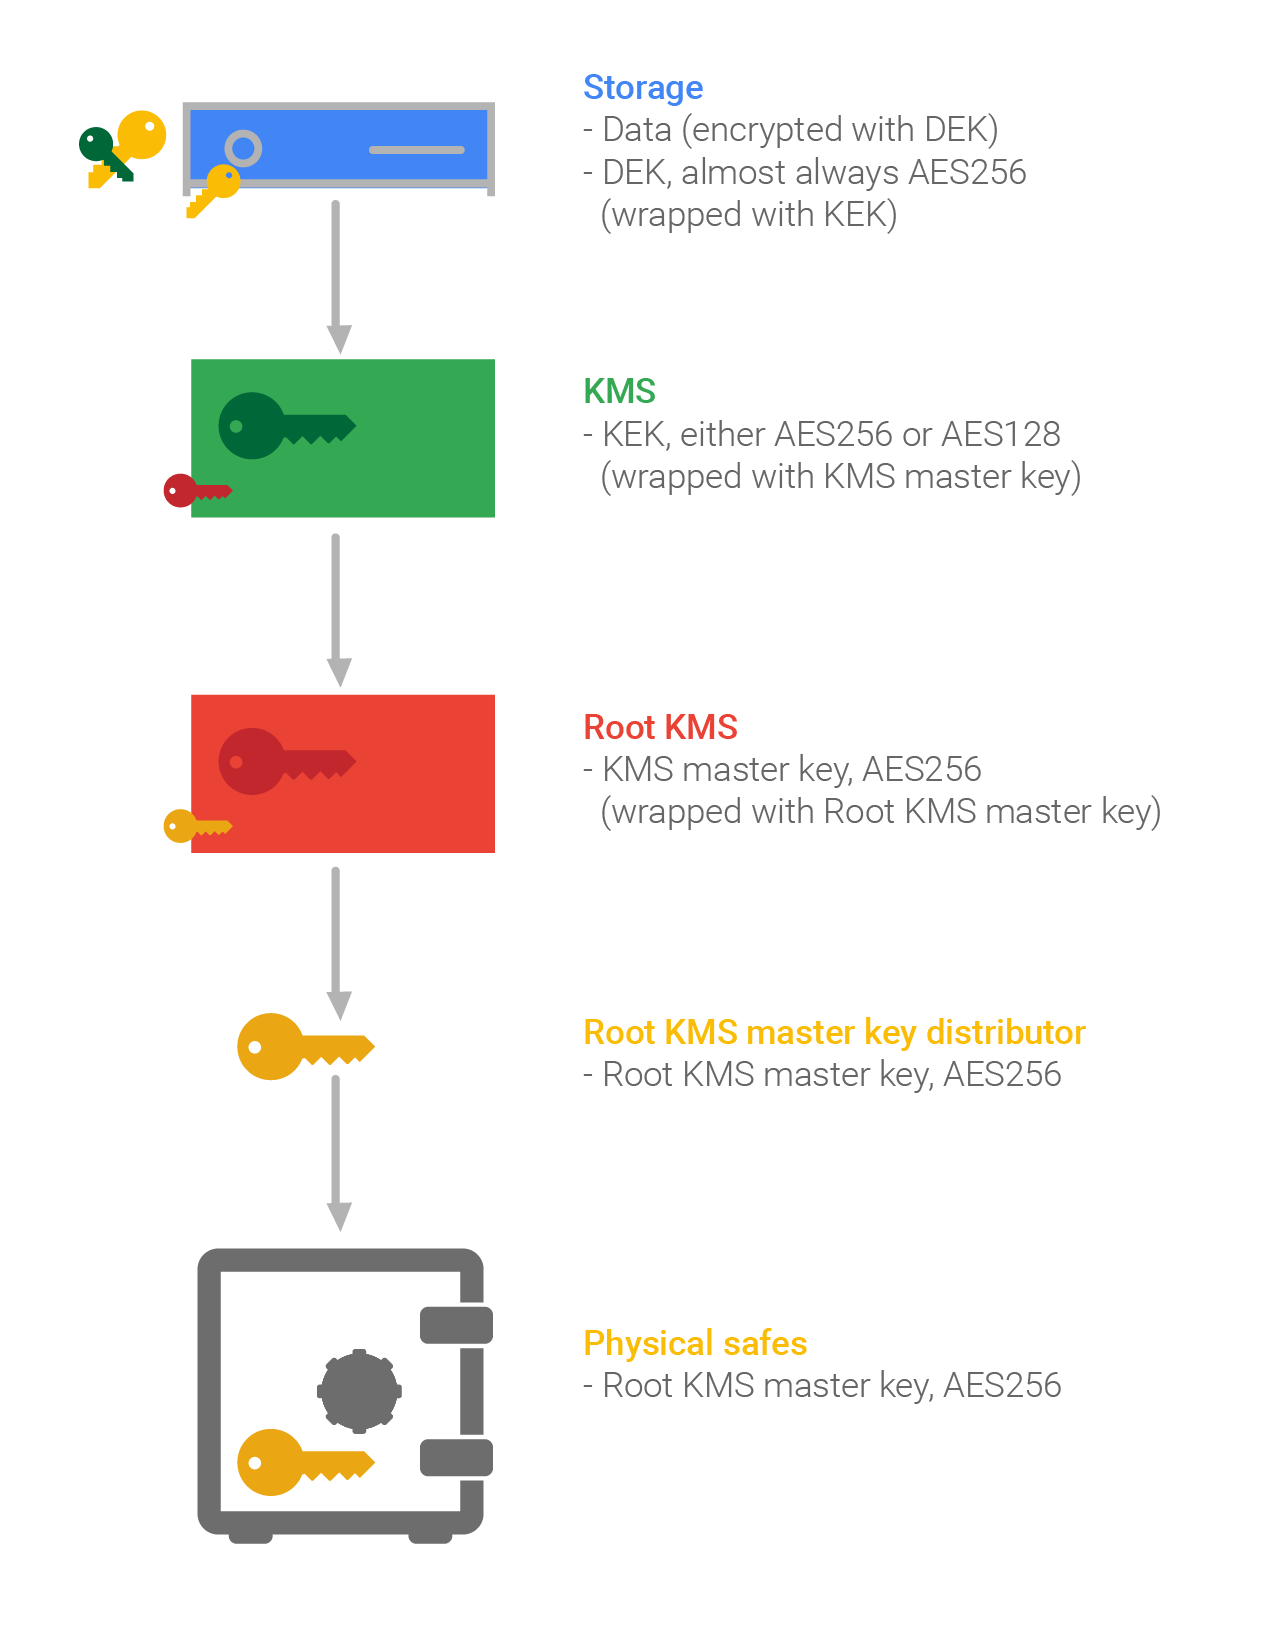 Diagram of Google's encryption hierarchy